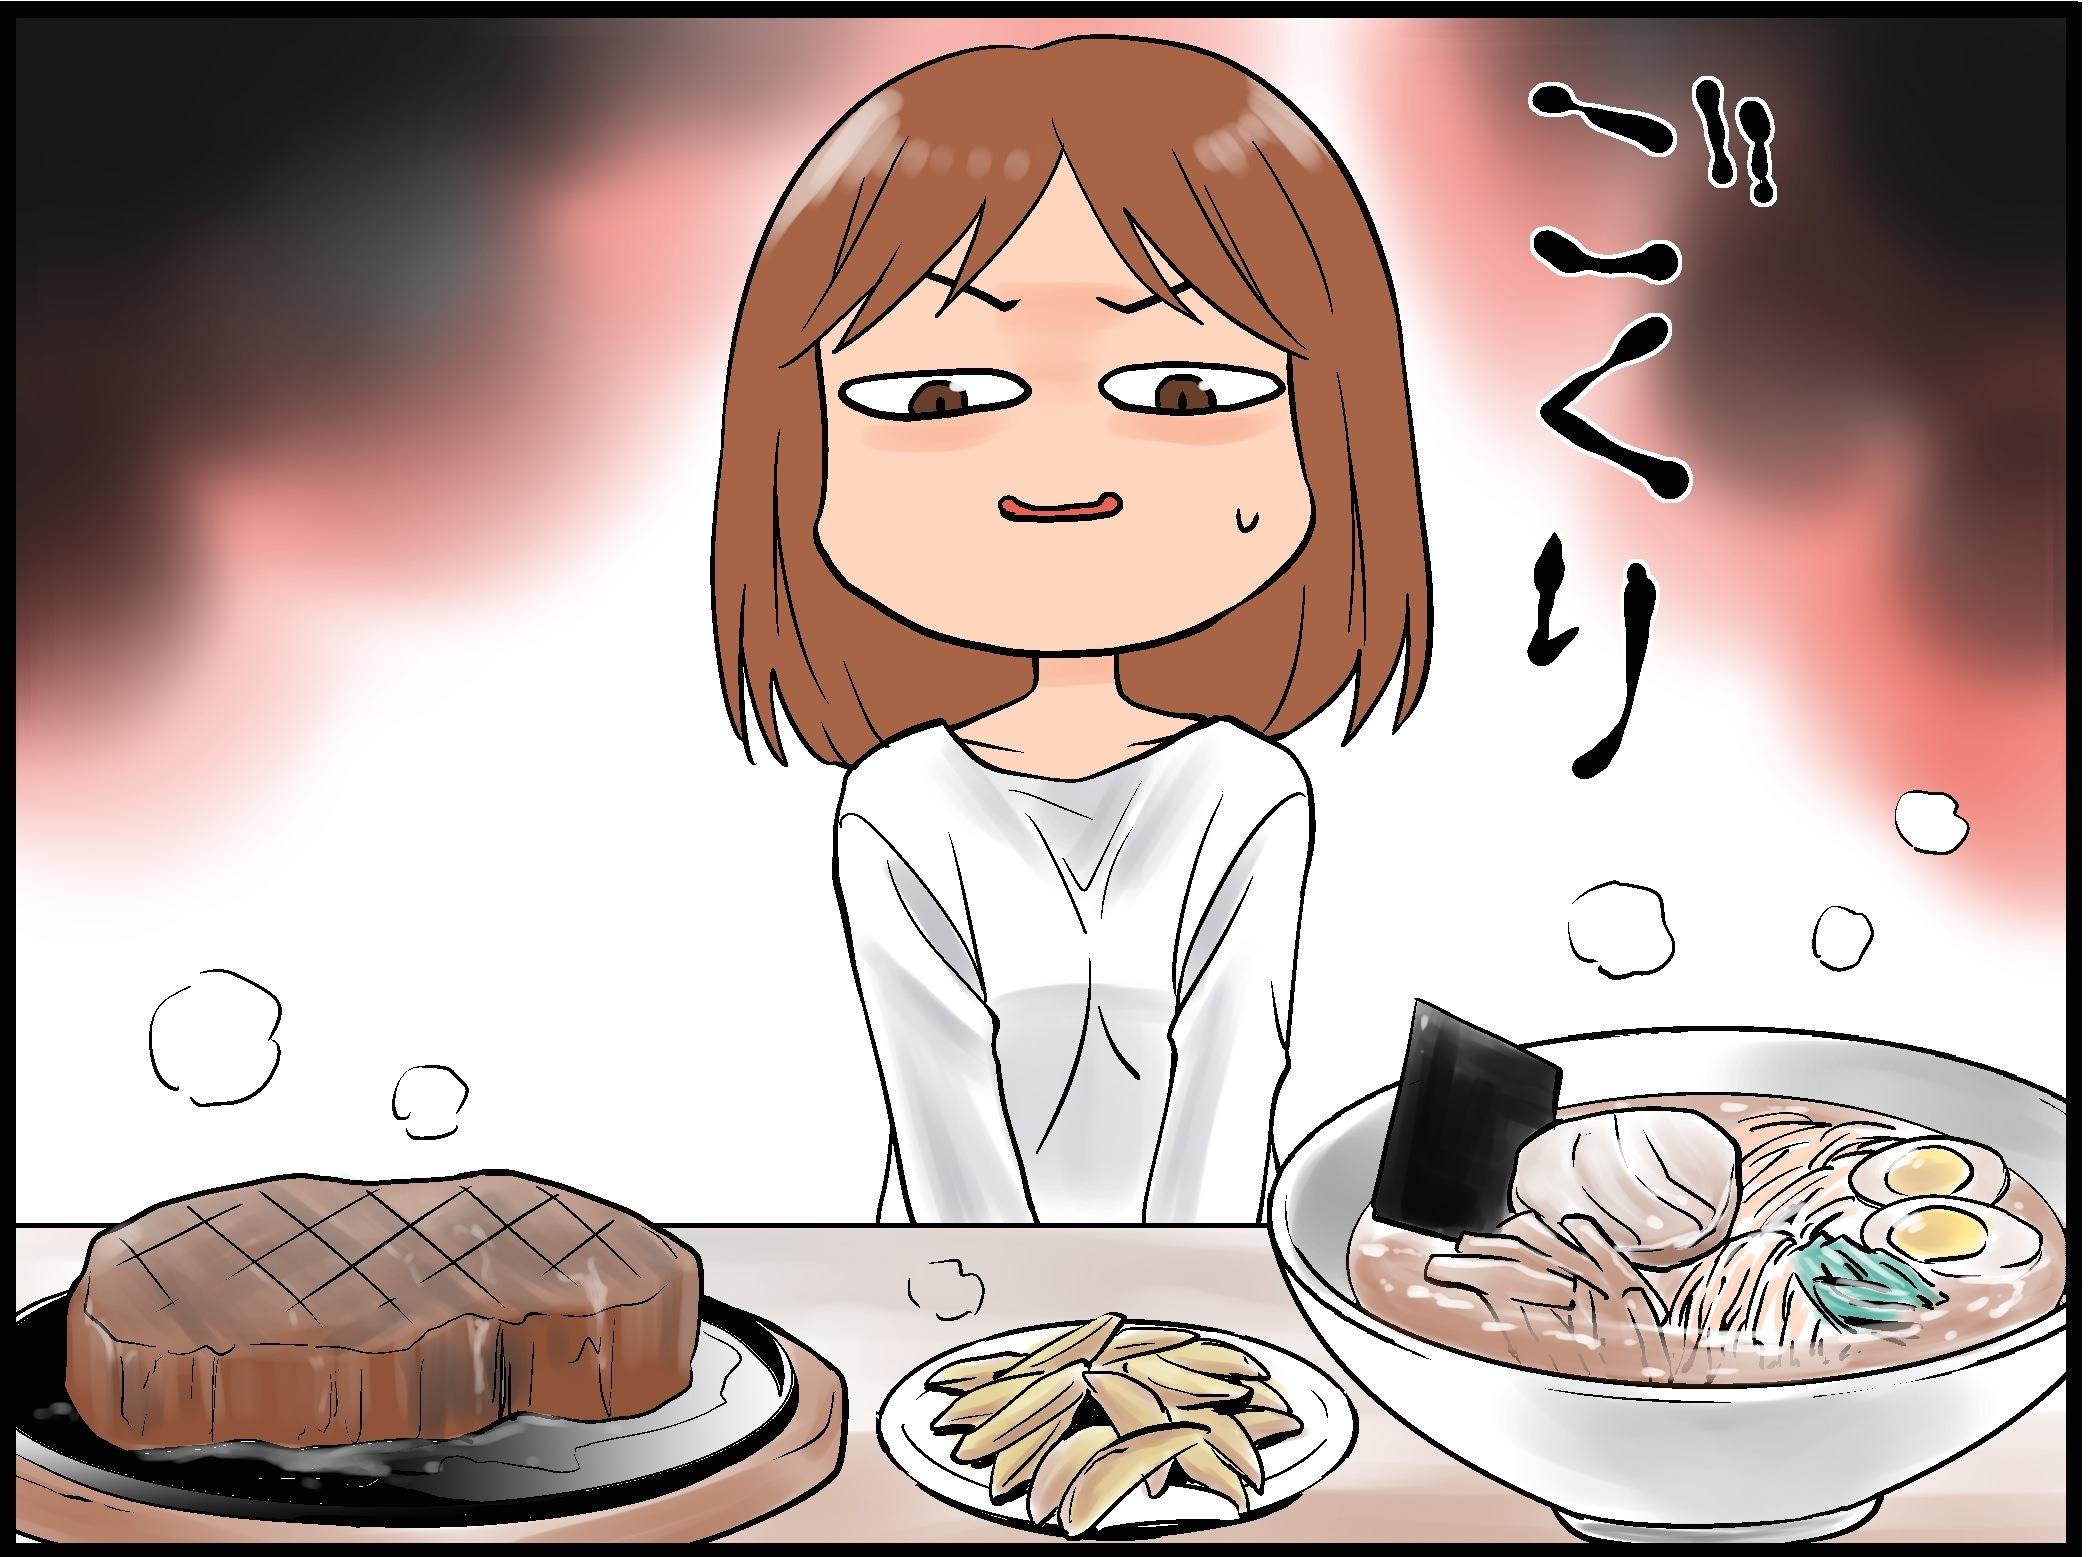 妊婦あるあるの「味の濃いものがやたら食べたくなる」のイラスト